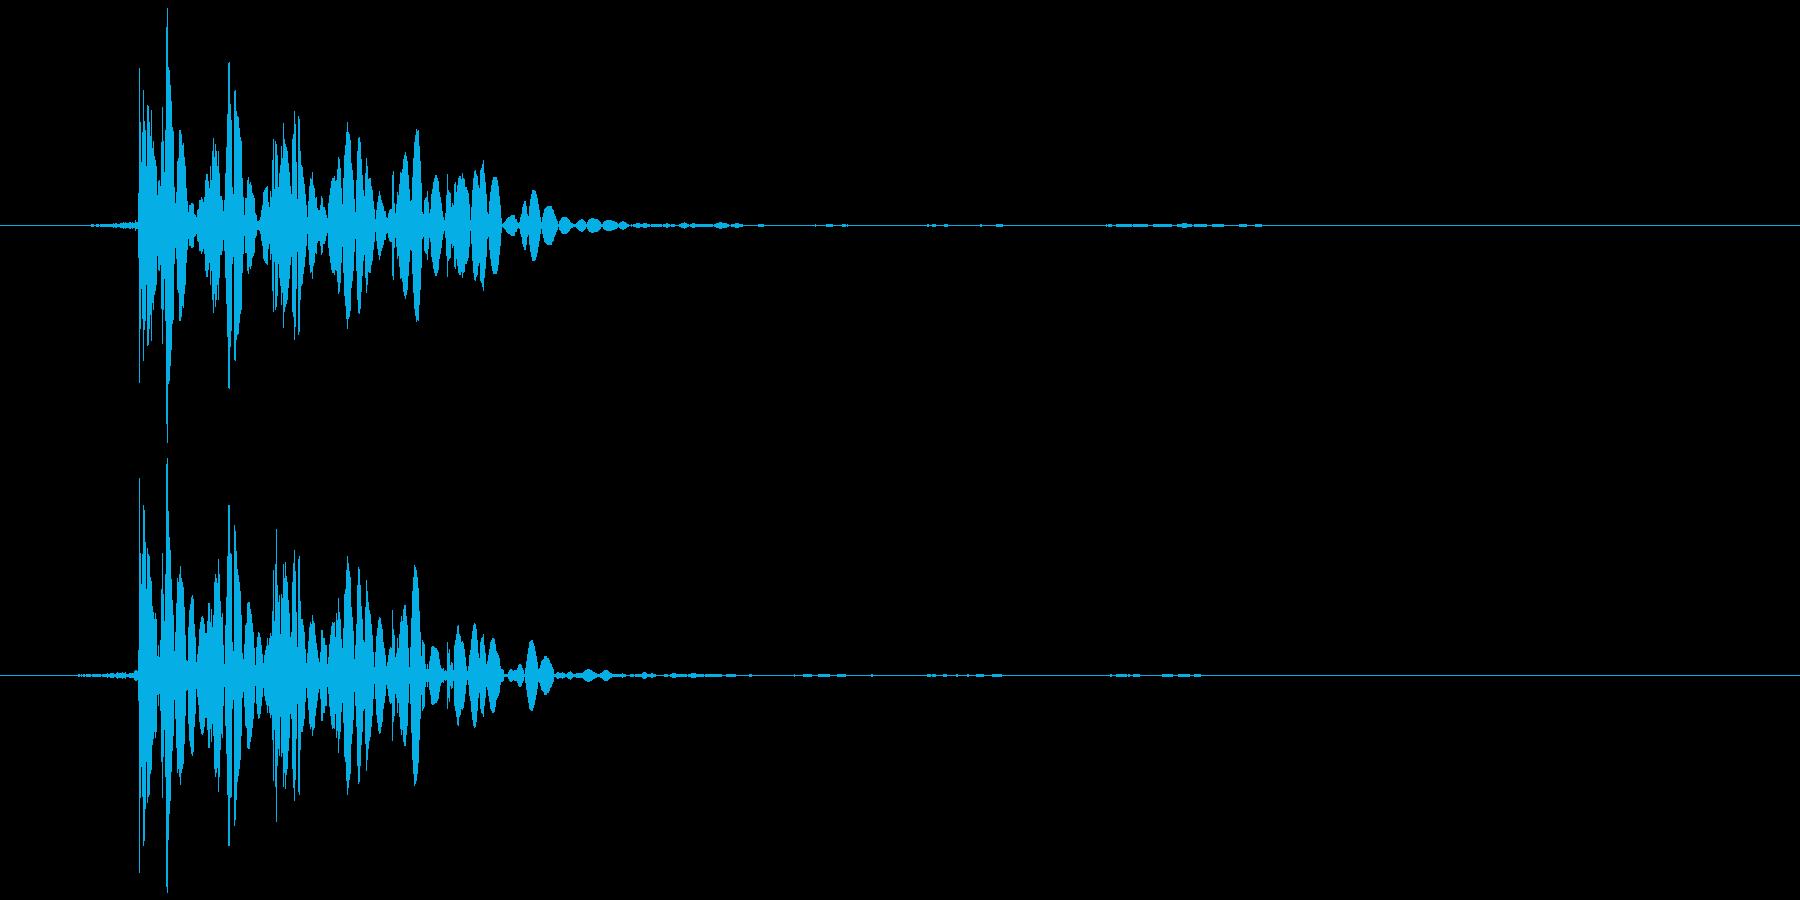 おなら、屁 (低く、とても短い) ブッの再生済みの波形